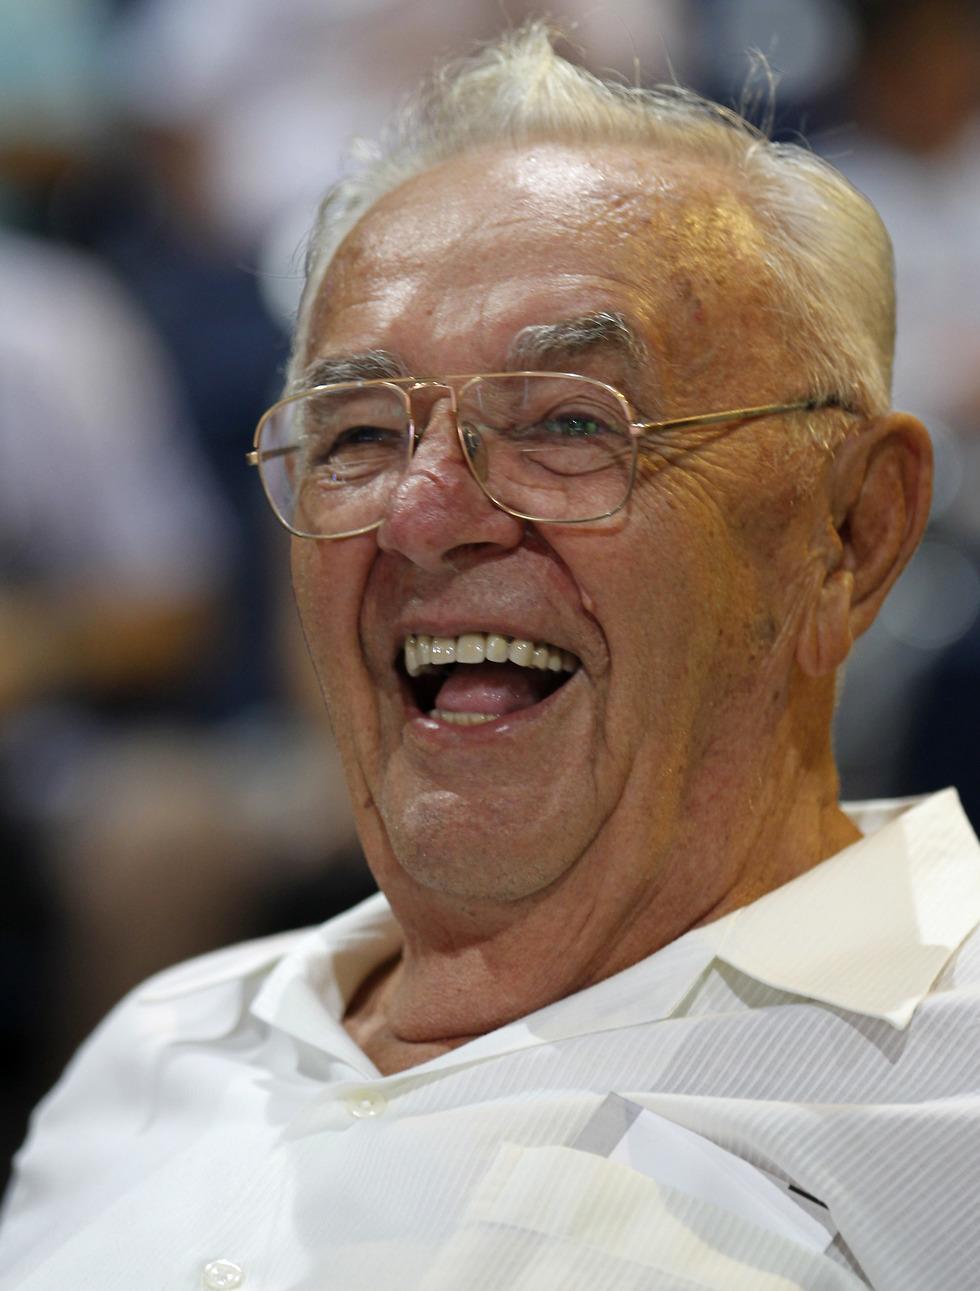 בורה סטנקוביץ' מחייך (צילום: AP)